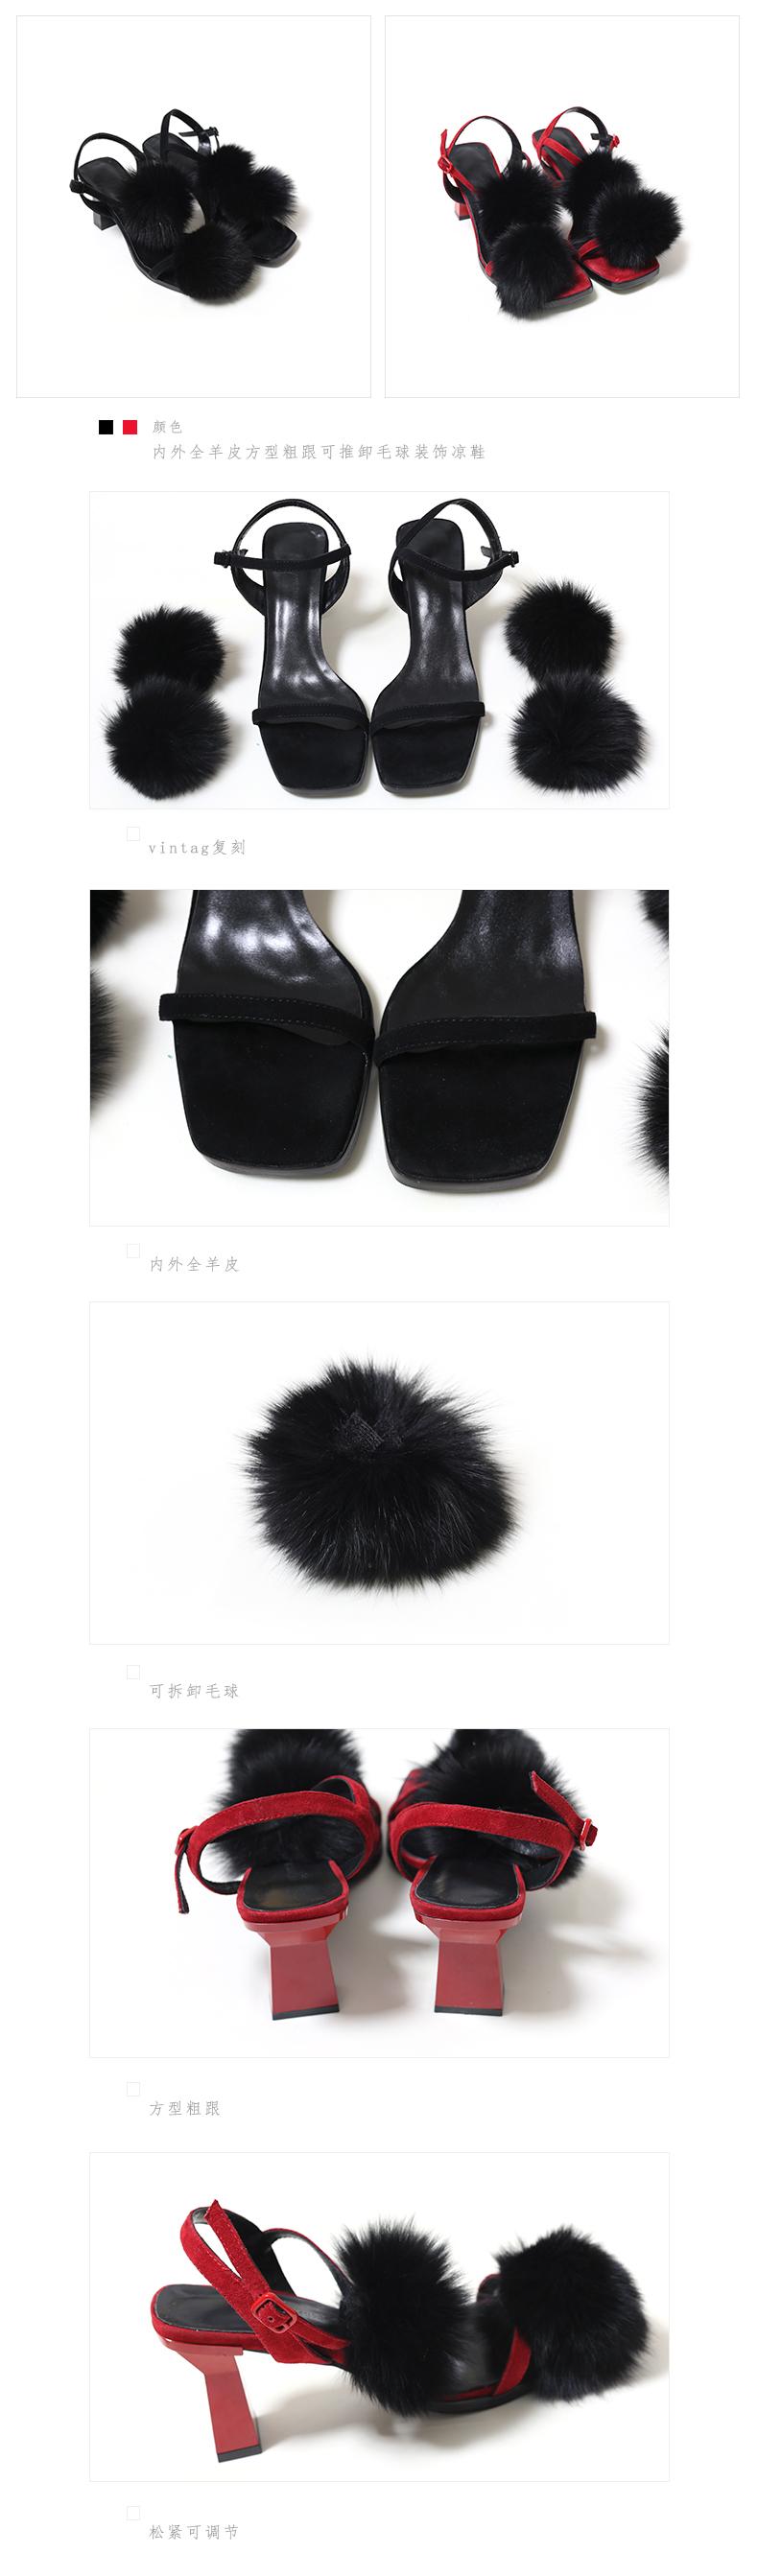 毛球装饰复古粗跟皮鞋.jpg